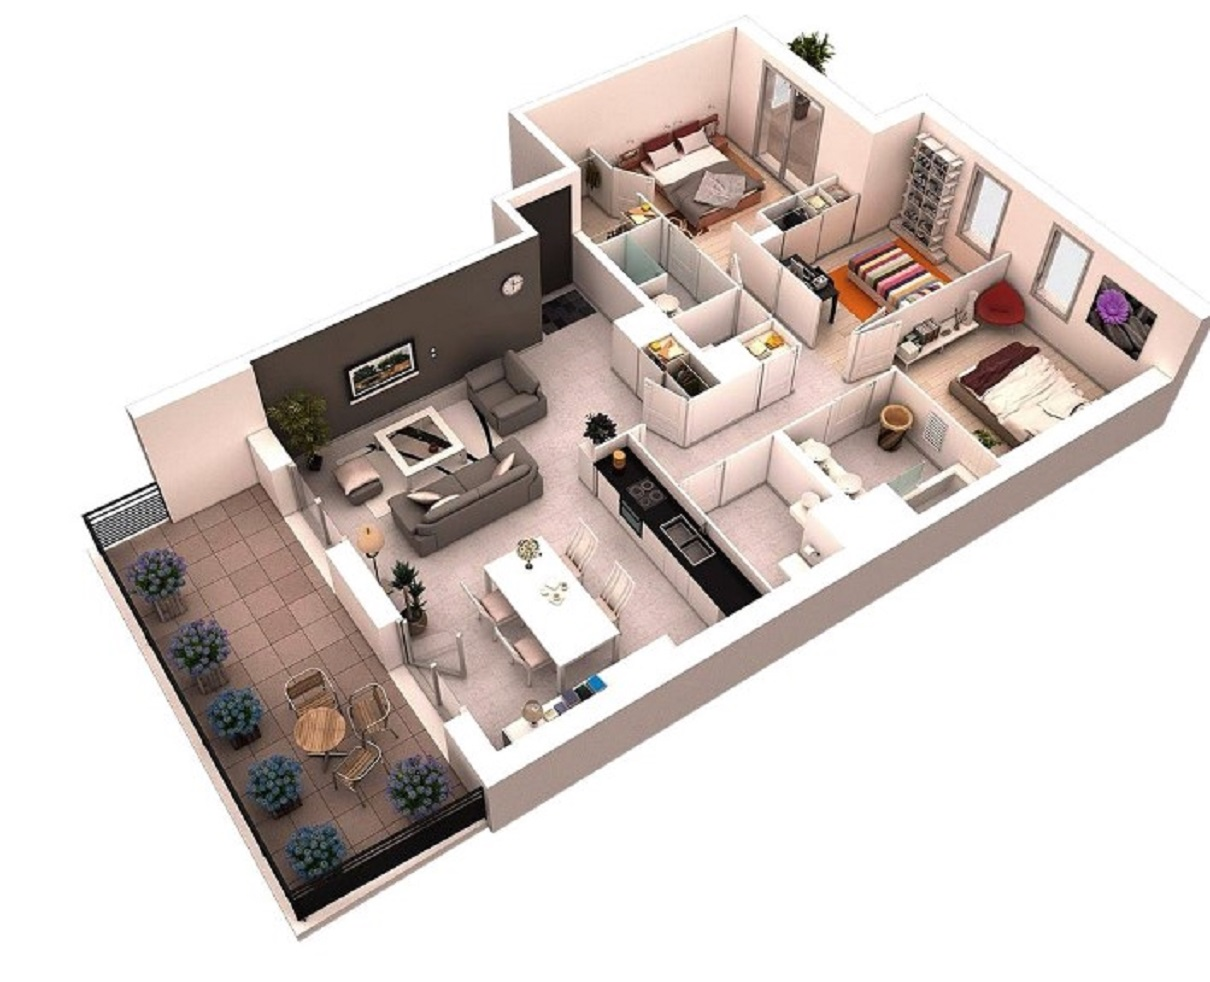 Desain Rumah Minimalis 3 Kamar Tidur 3D